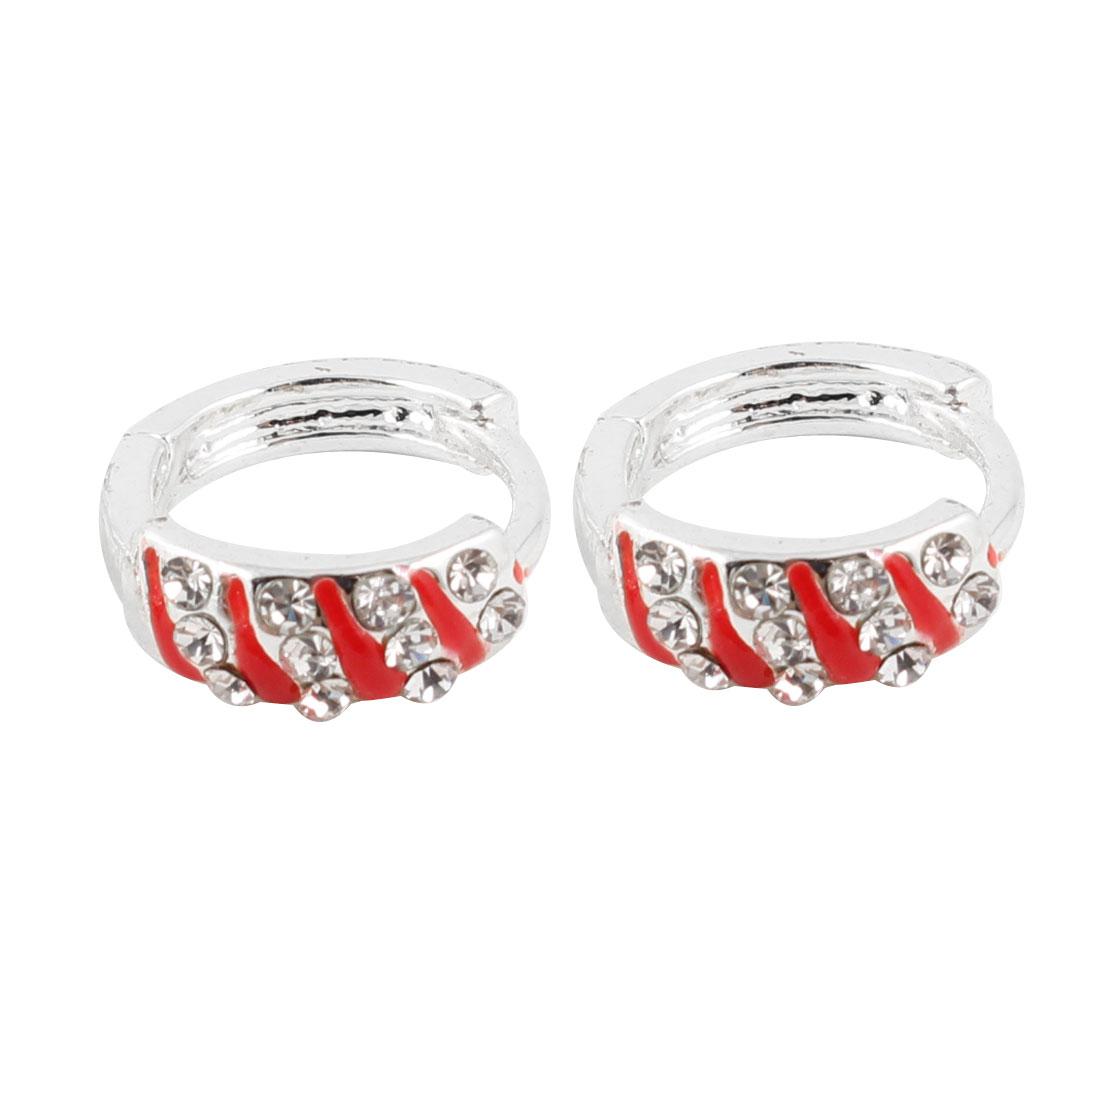 Ladies Pair Bling Rhinestone Decor Hoop Earrings Red Silver Tone